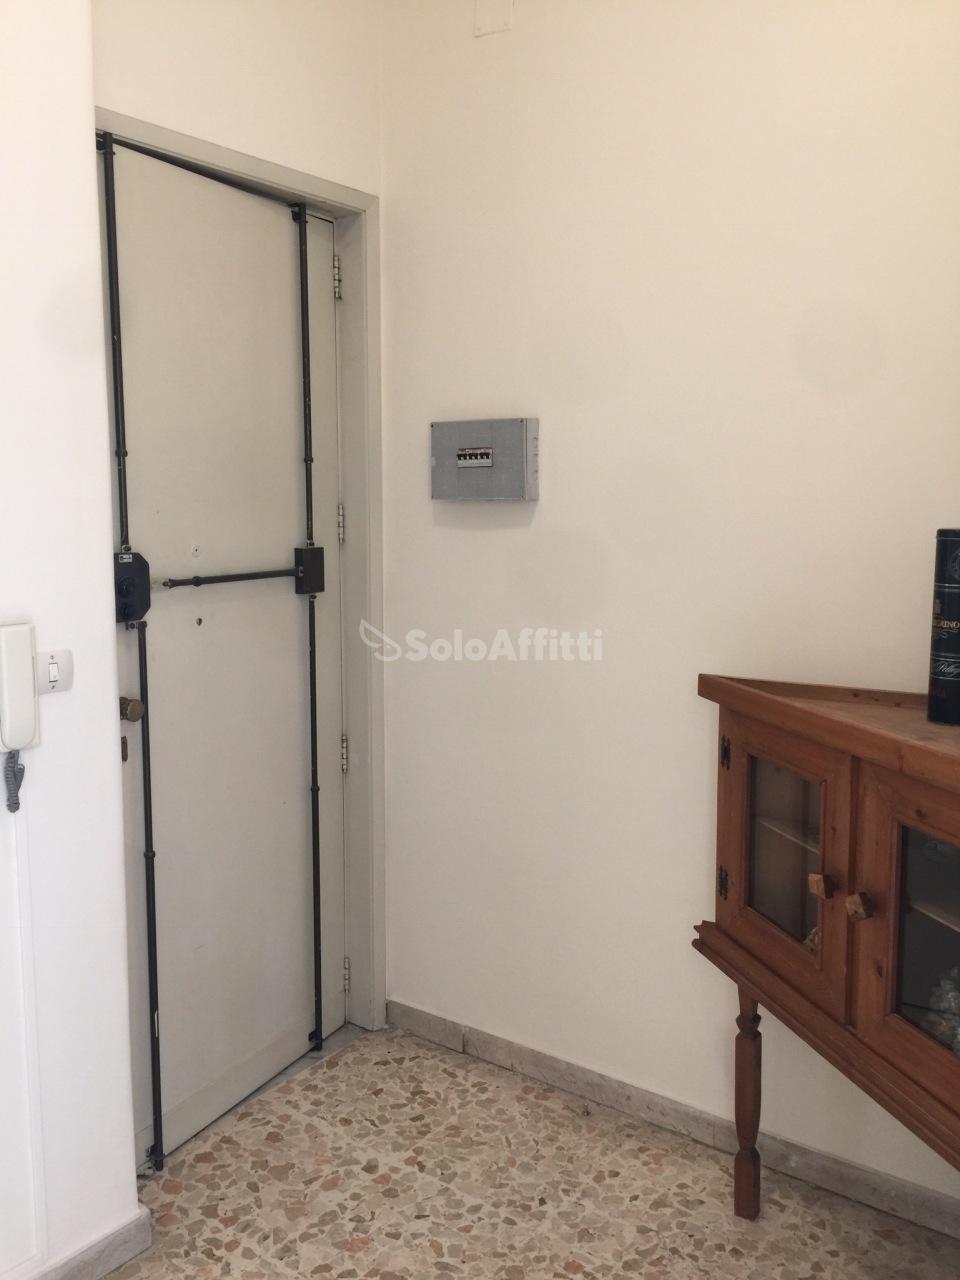 Appartamenti e Attici CATANIA affitto  Picanello  GRI.VIR. Immobiliare di Grimaldi Carmine